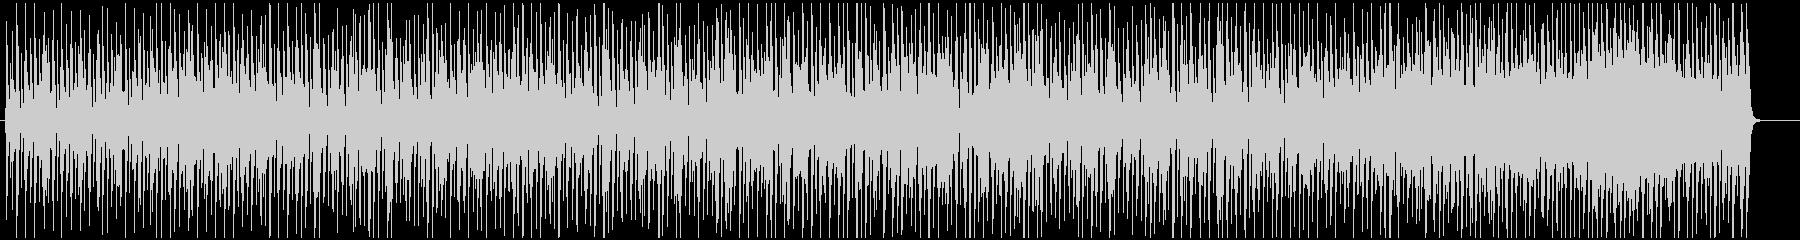 スウィングするポップなジャズブルースの未再生の波形